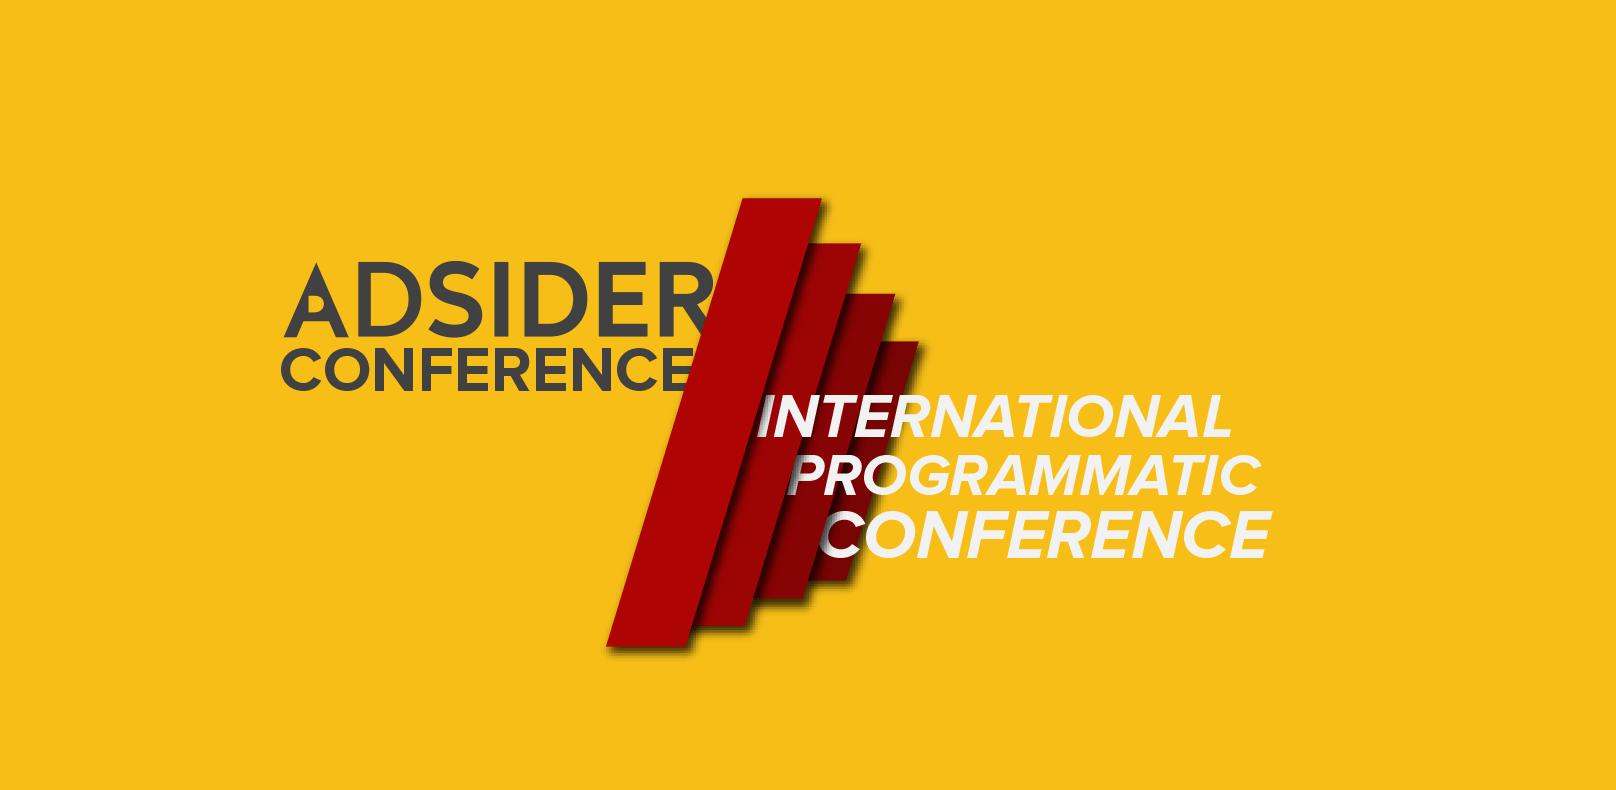 Adsider Conference 2020